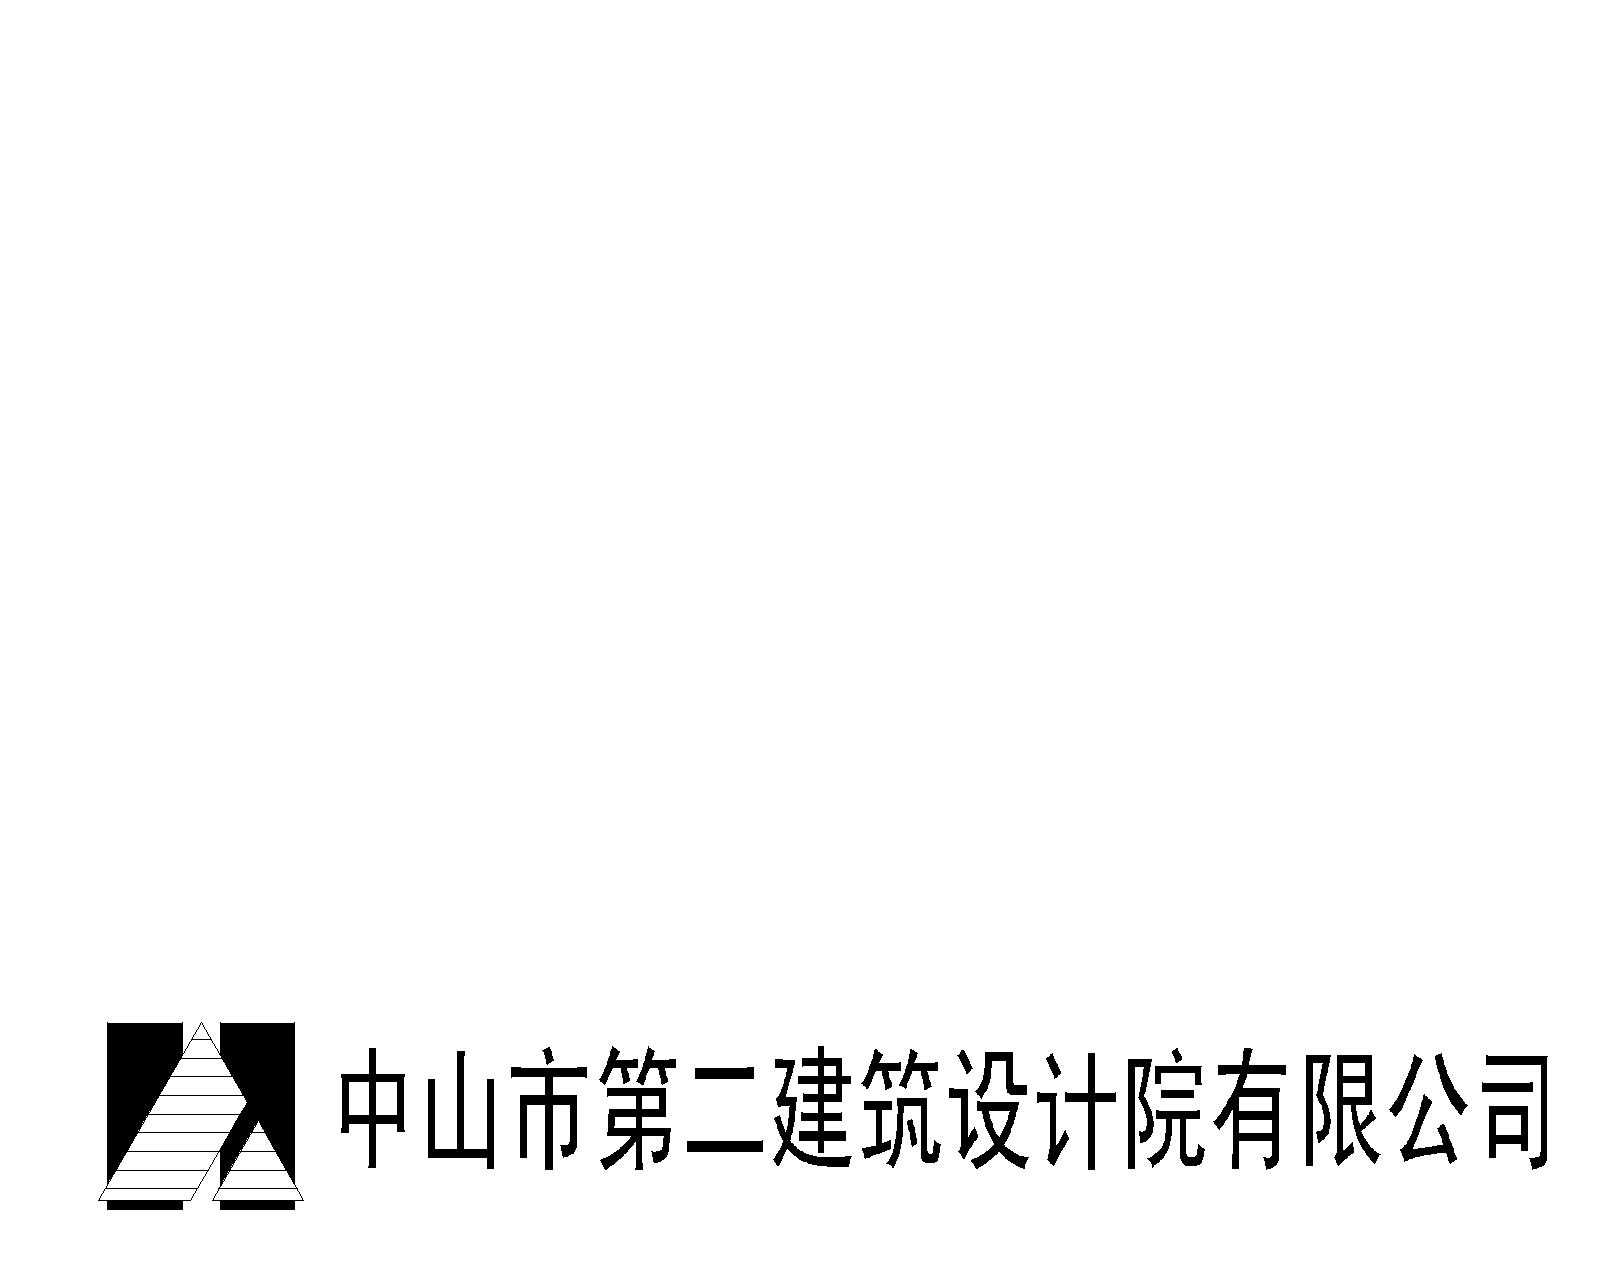 中山市第二建筑设计院有限公司建筑一所